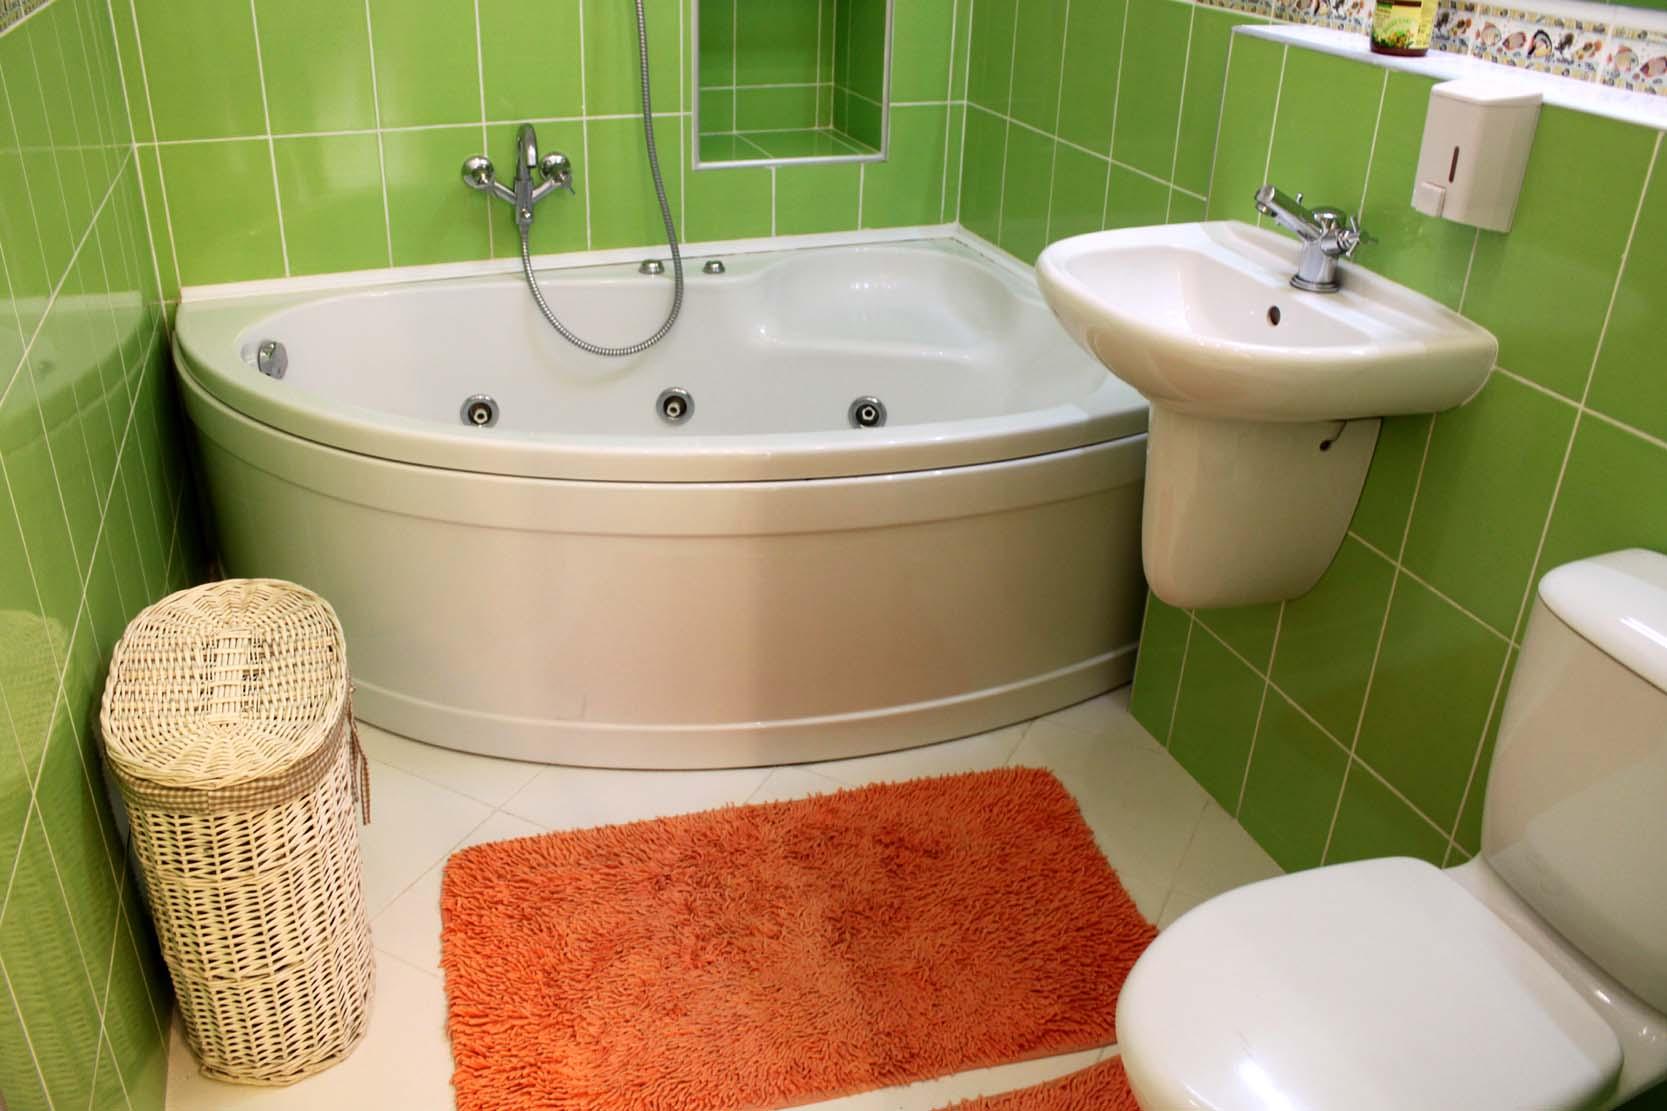 Эротика в ванной комнате смотреть онлайн групповое 23 фотография